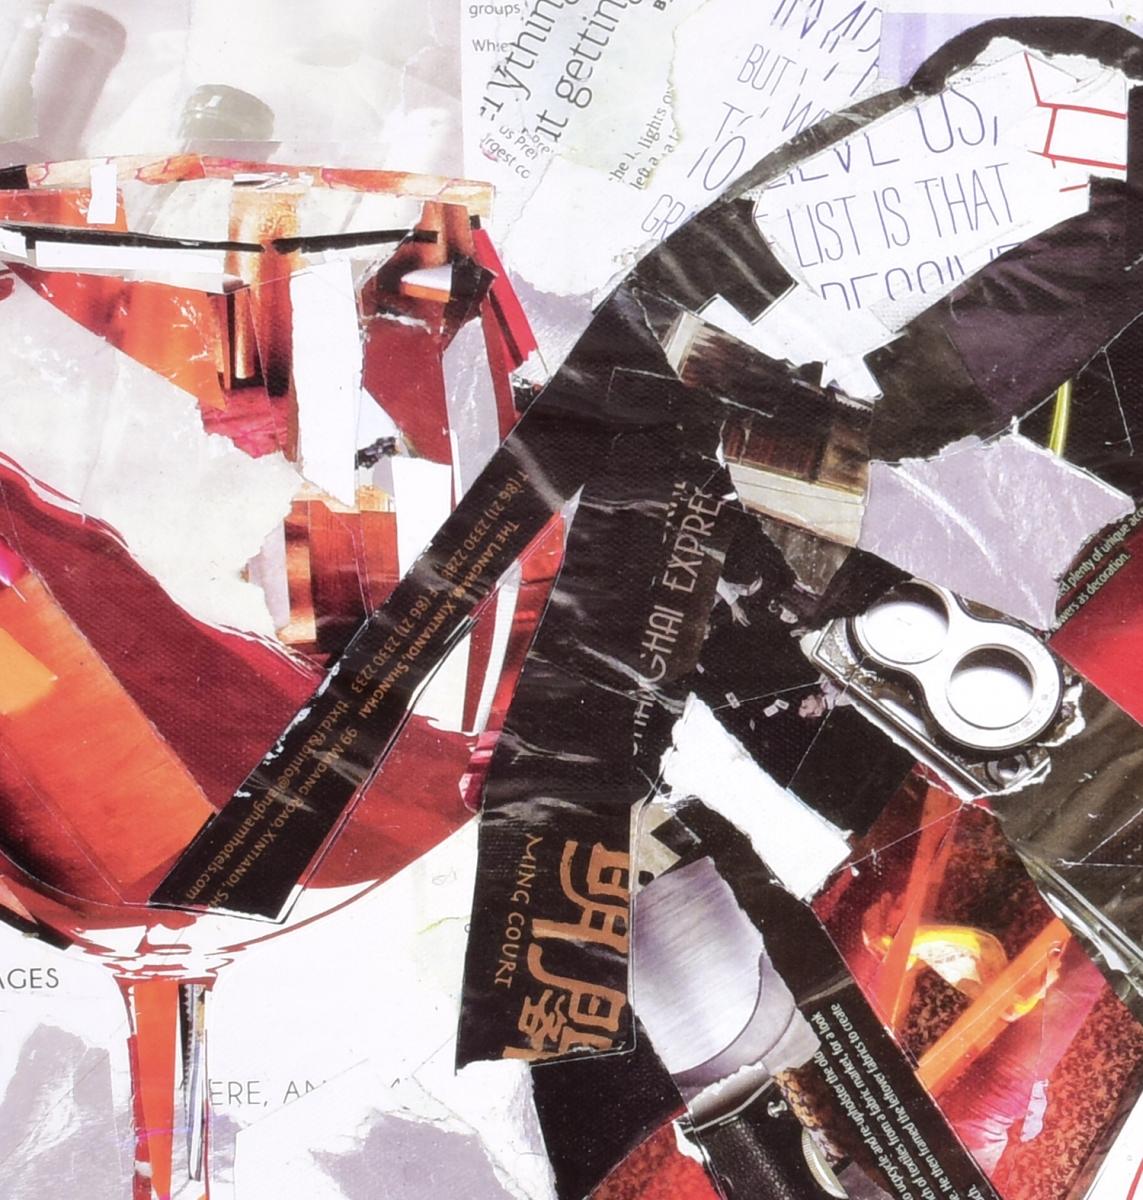 Obraz HIGH HEELS, střevíc se sklenkou vína